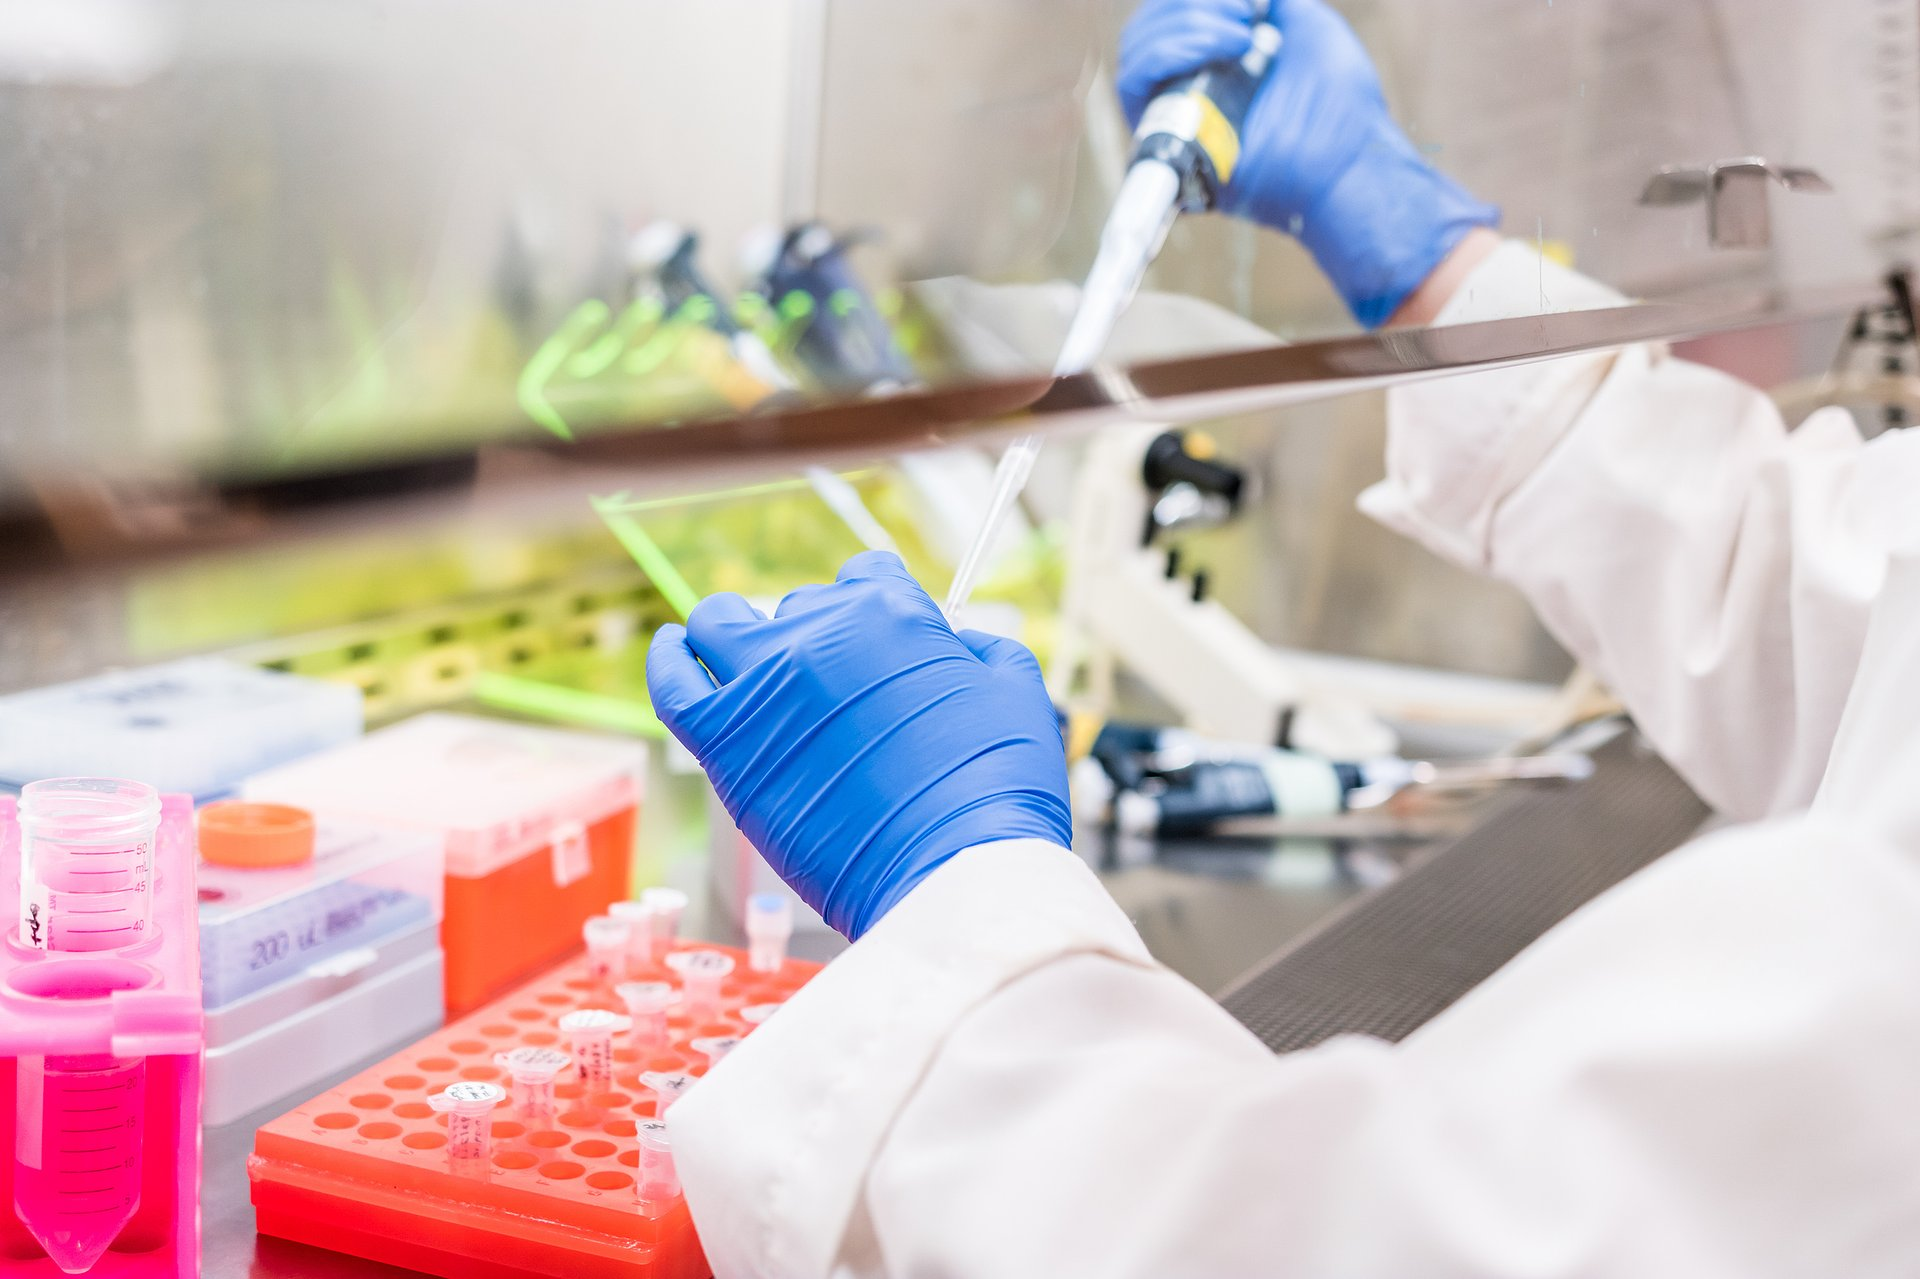 EMA bada ewentualny związek szczepionek z zapaleniem mięśnia sercowego